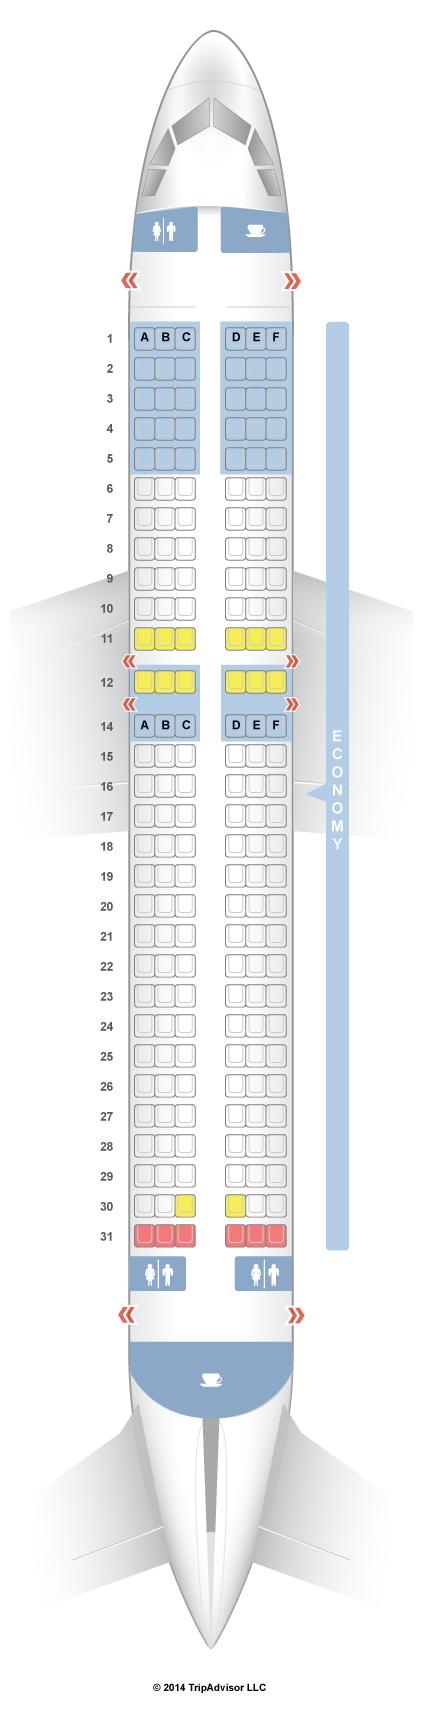 Seatguru Seat Map Airasia Airbus A320 320